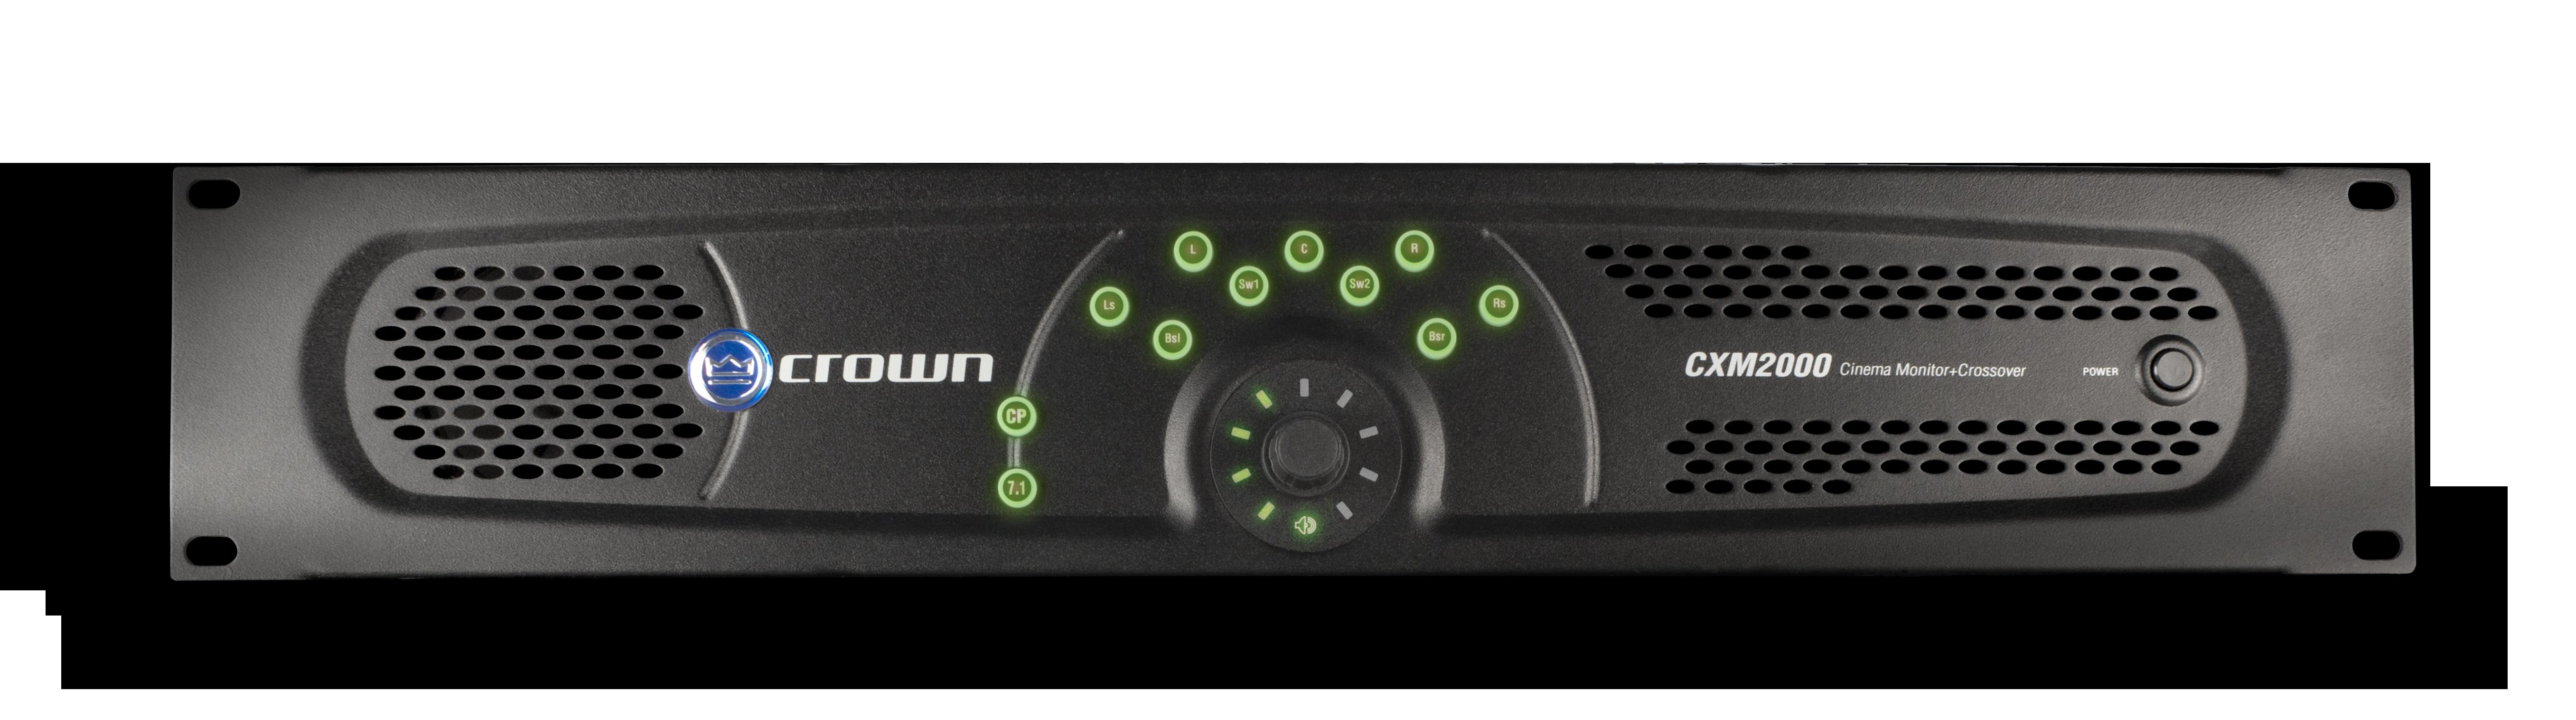 cxm 2000 crown audio professional power amplifiers rh crownaudio com Samsung Tubes Kenwood Amplifiers